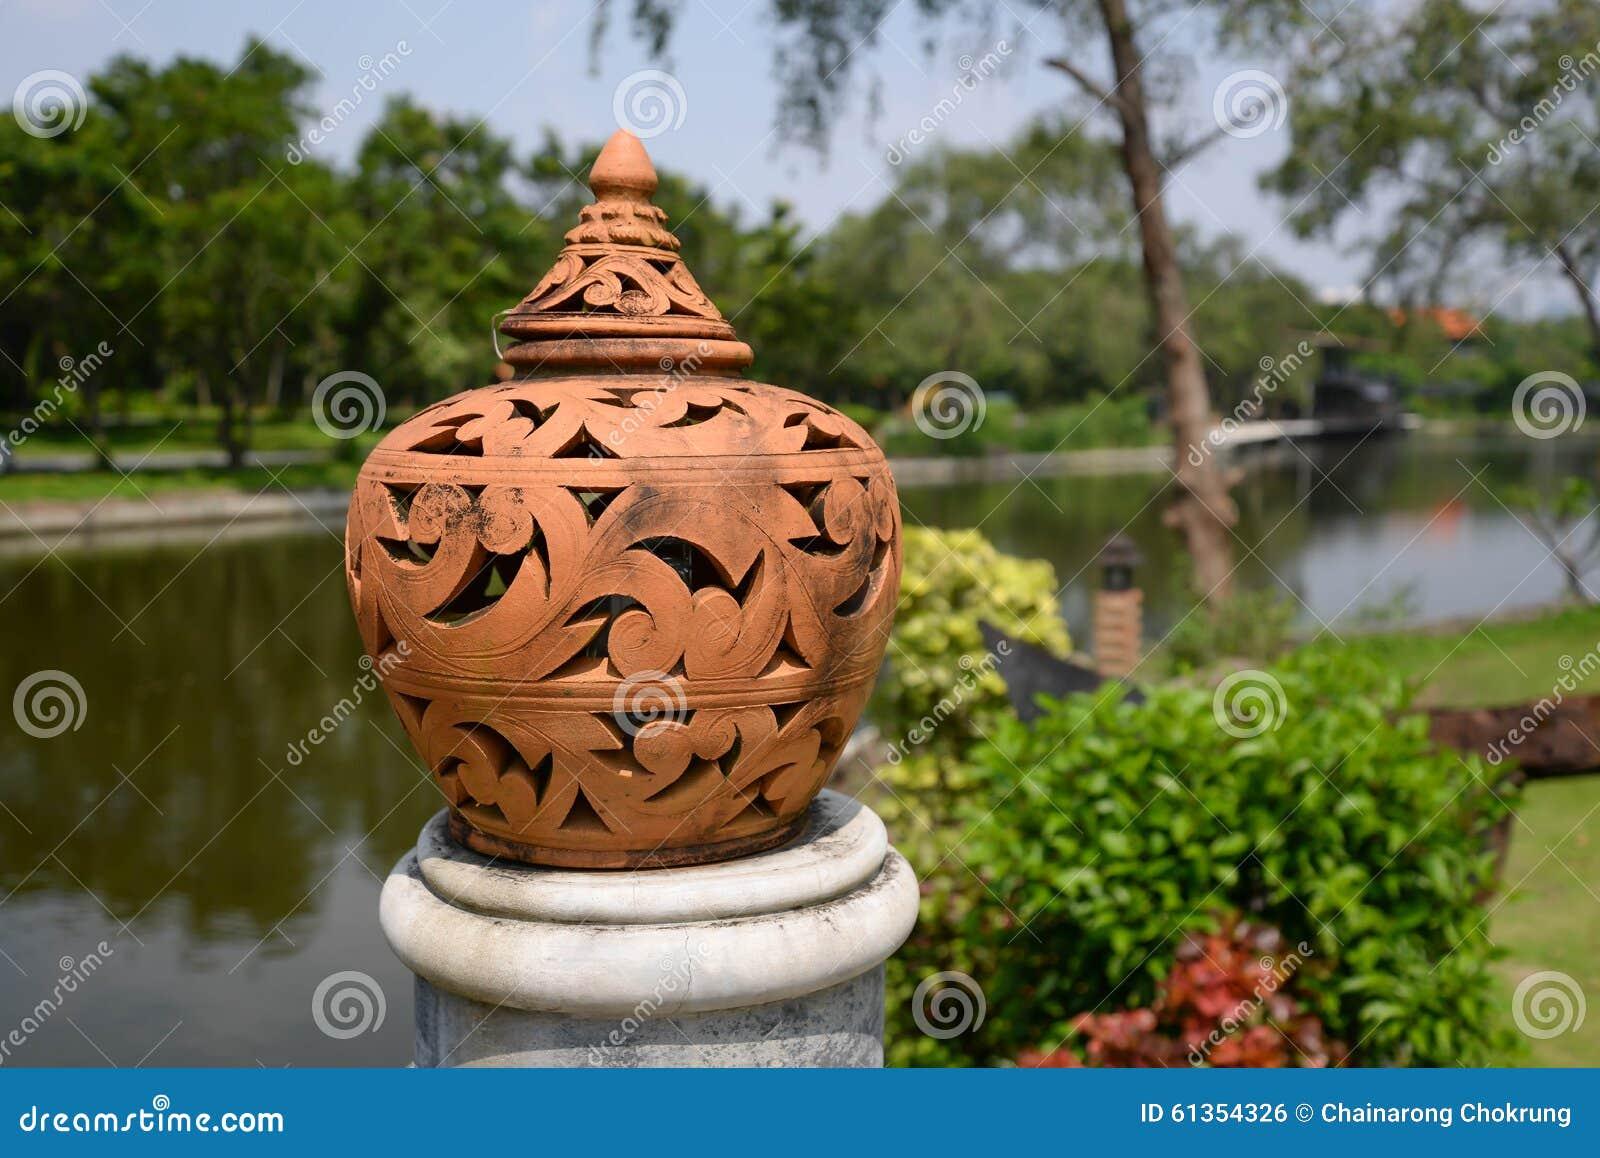 Lâmpada da cerâmica com estilo tailandês